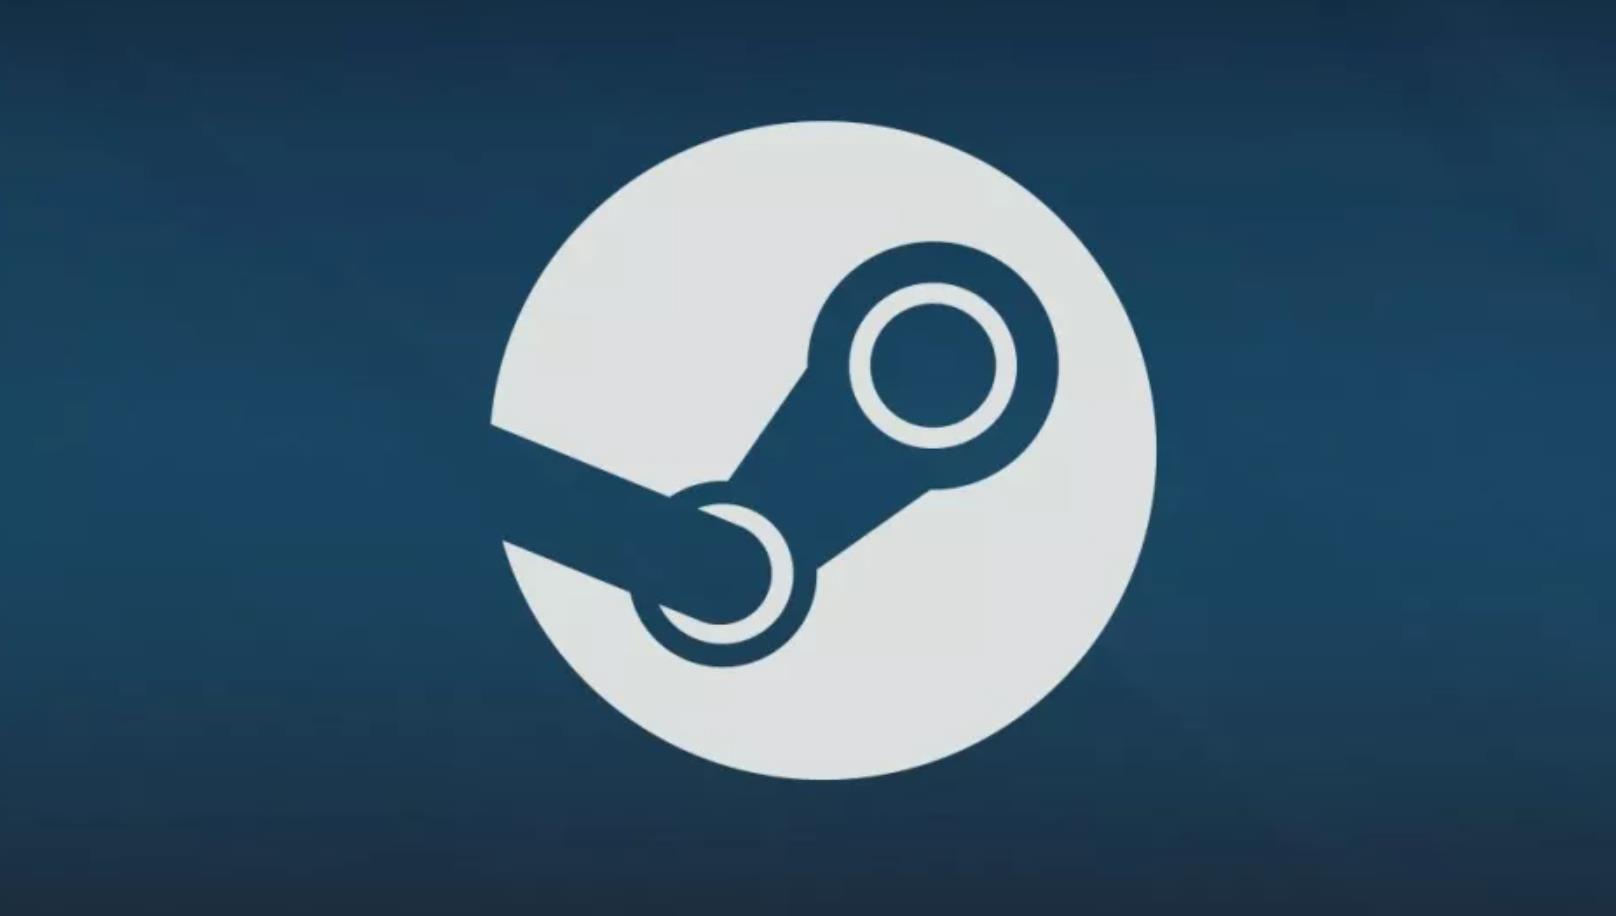 如果女友删除你的Steam账户该怎么办?-小柚妹站